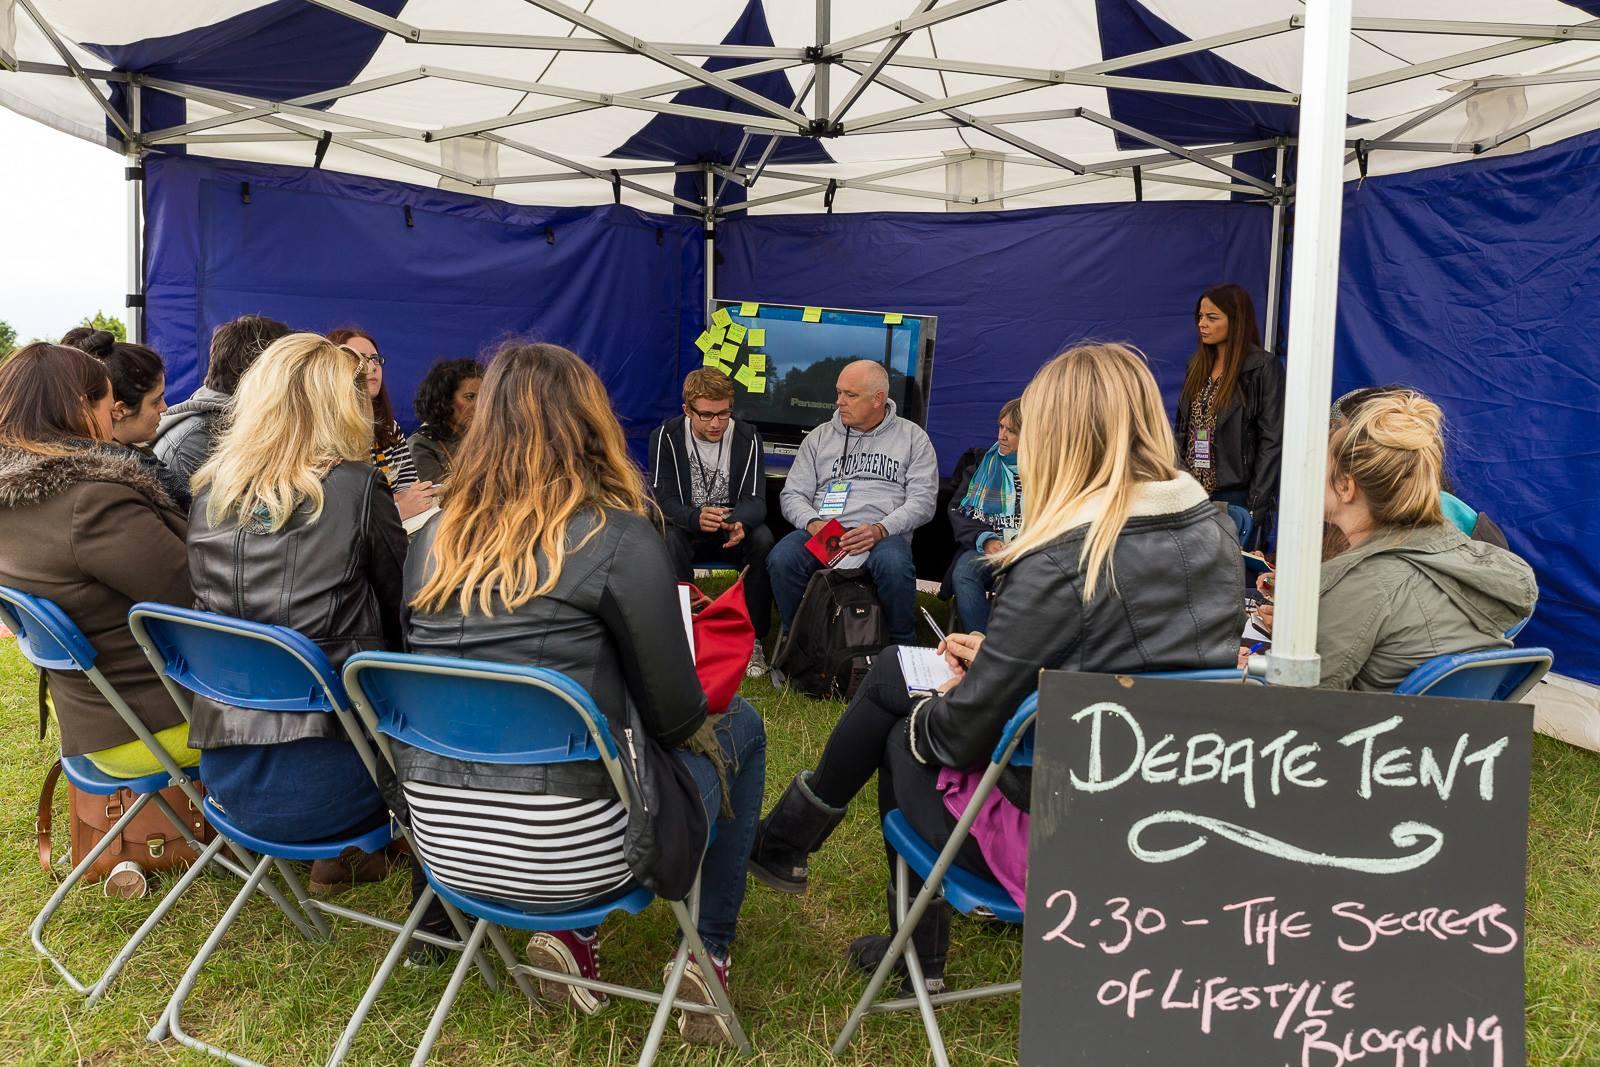 Debate Tent